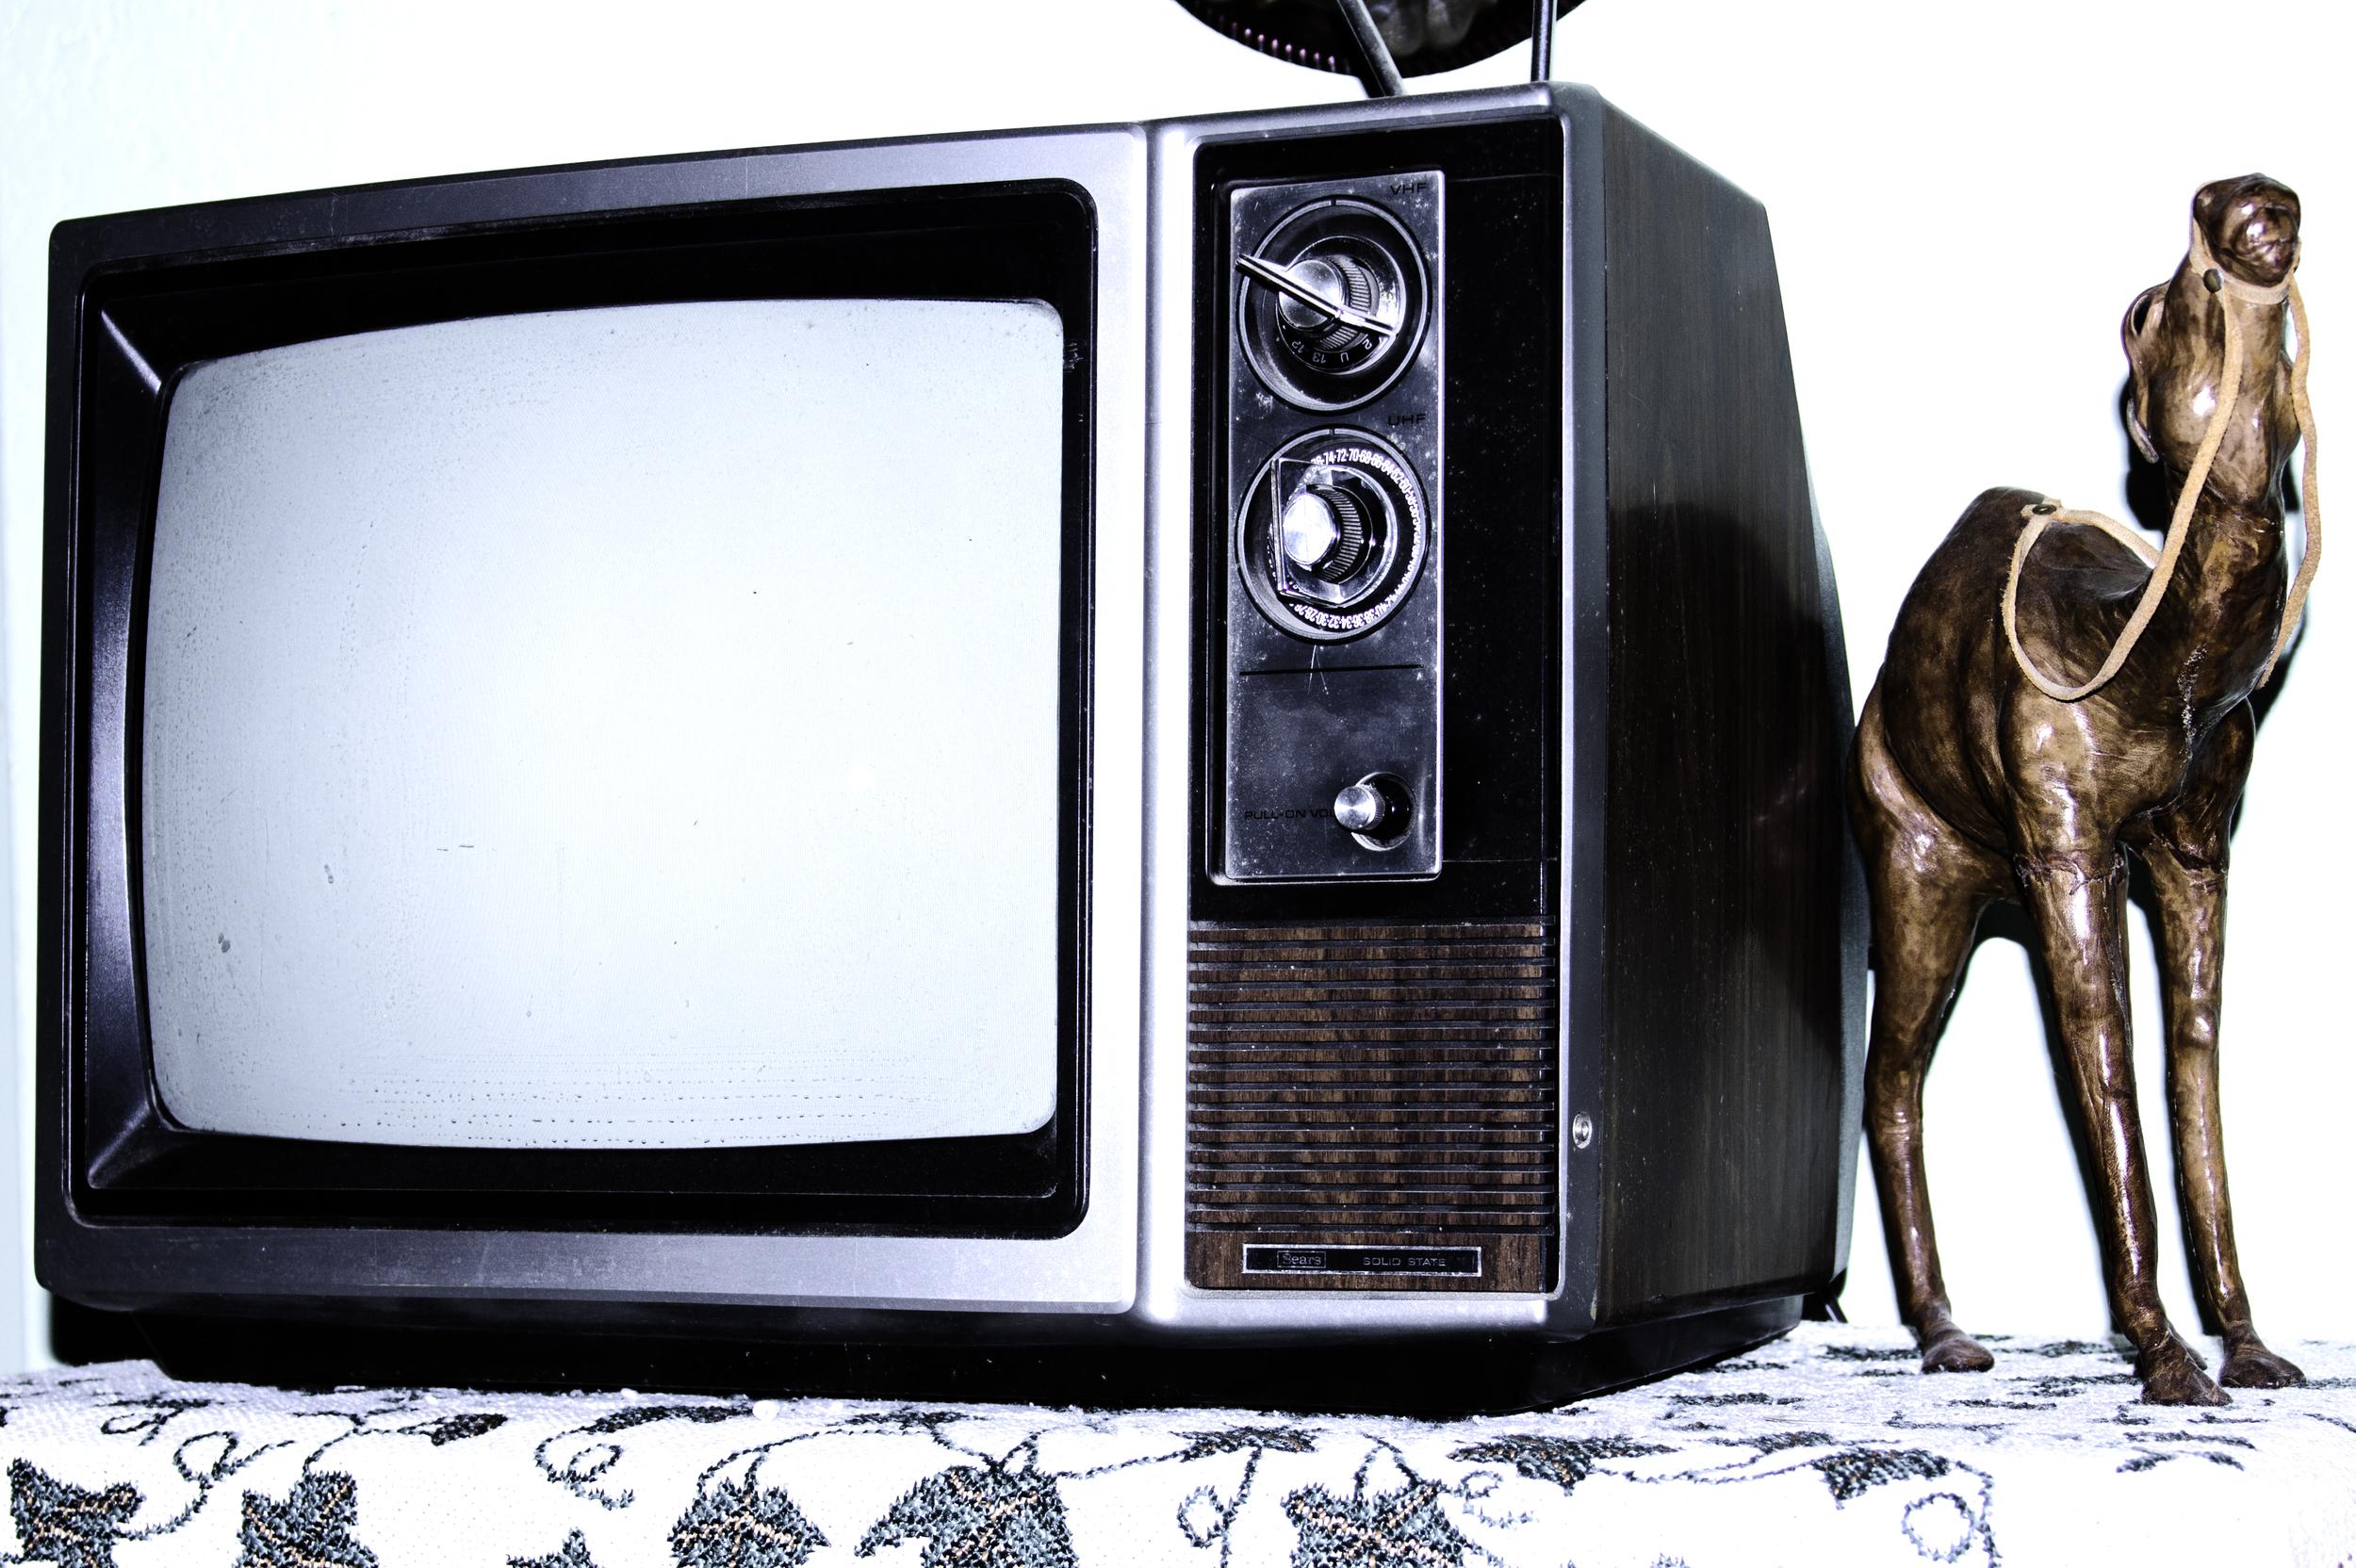 Tv camel.jpg